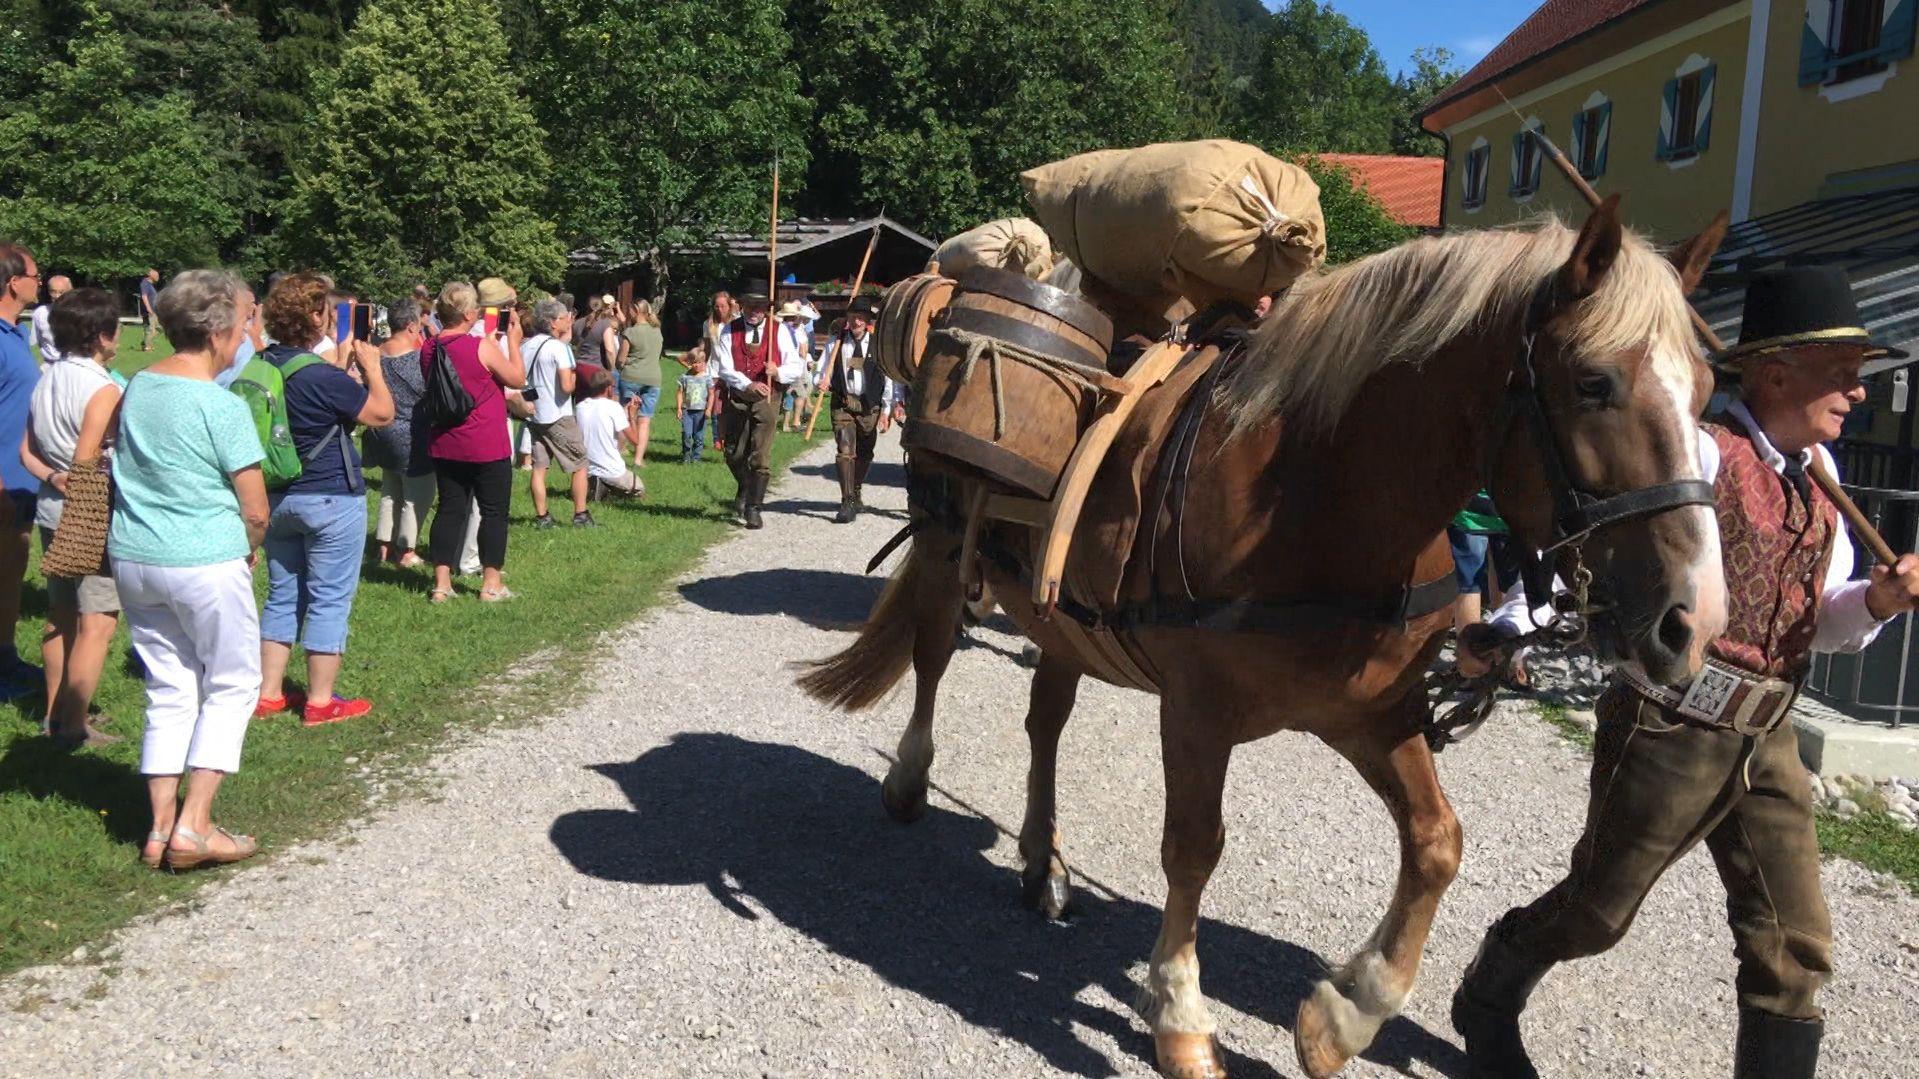 """Die Feierlichkeiten zum 400-jährigen Jubiläum der Saline Traunstein erreichen an diesem Wochenende ihren Höhepunkt. Im Holzknechtmuseum Ruhpolding startete heute ein historischer Samerzug mit sogenannten """"Salzfuhrleuten""""."""